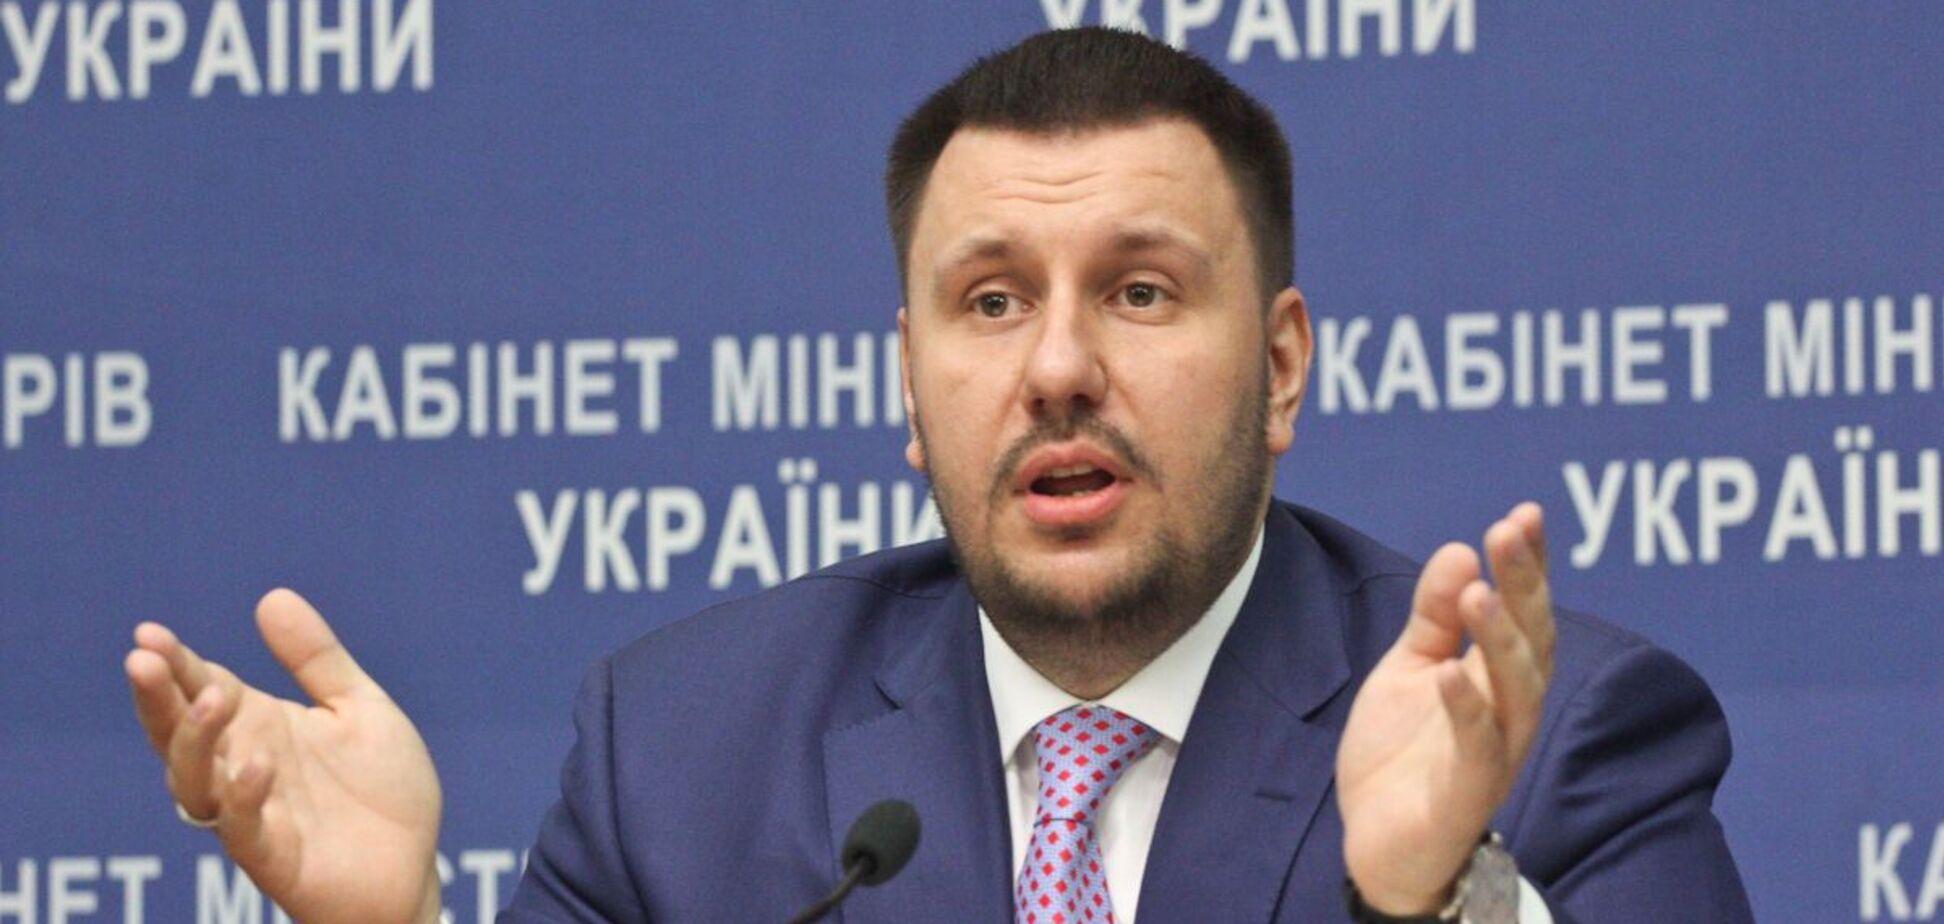 Справу про 'податкові майданчики' проти ексміністра Клименка закрили: названо причину